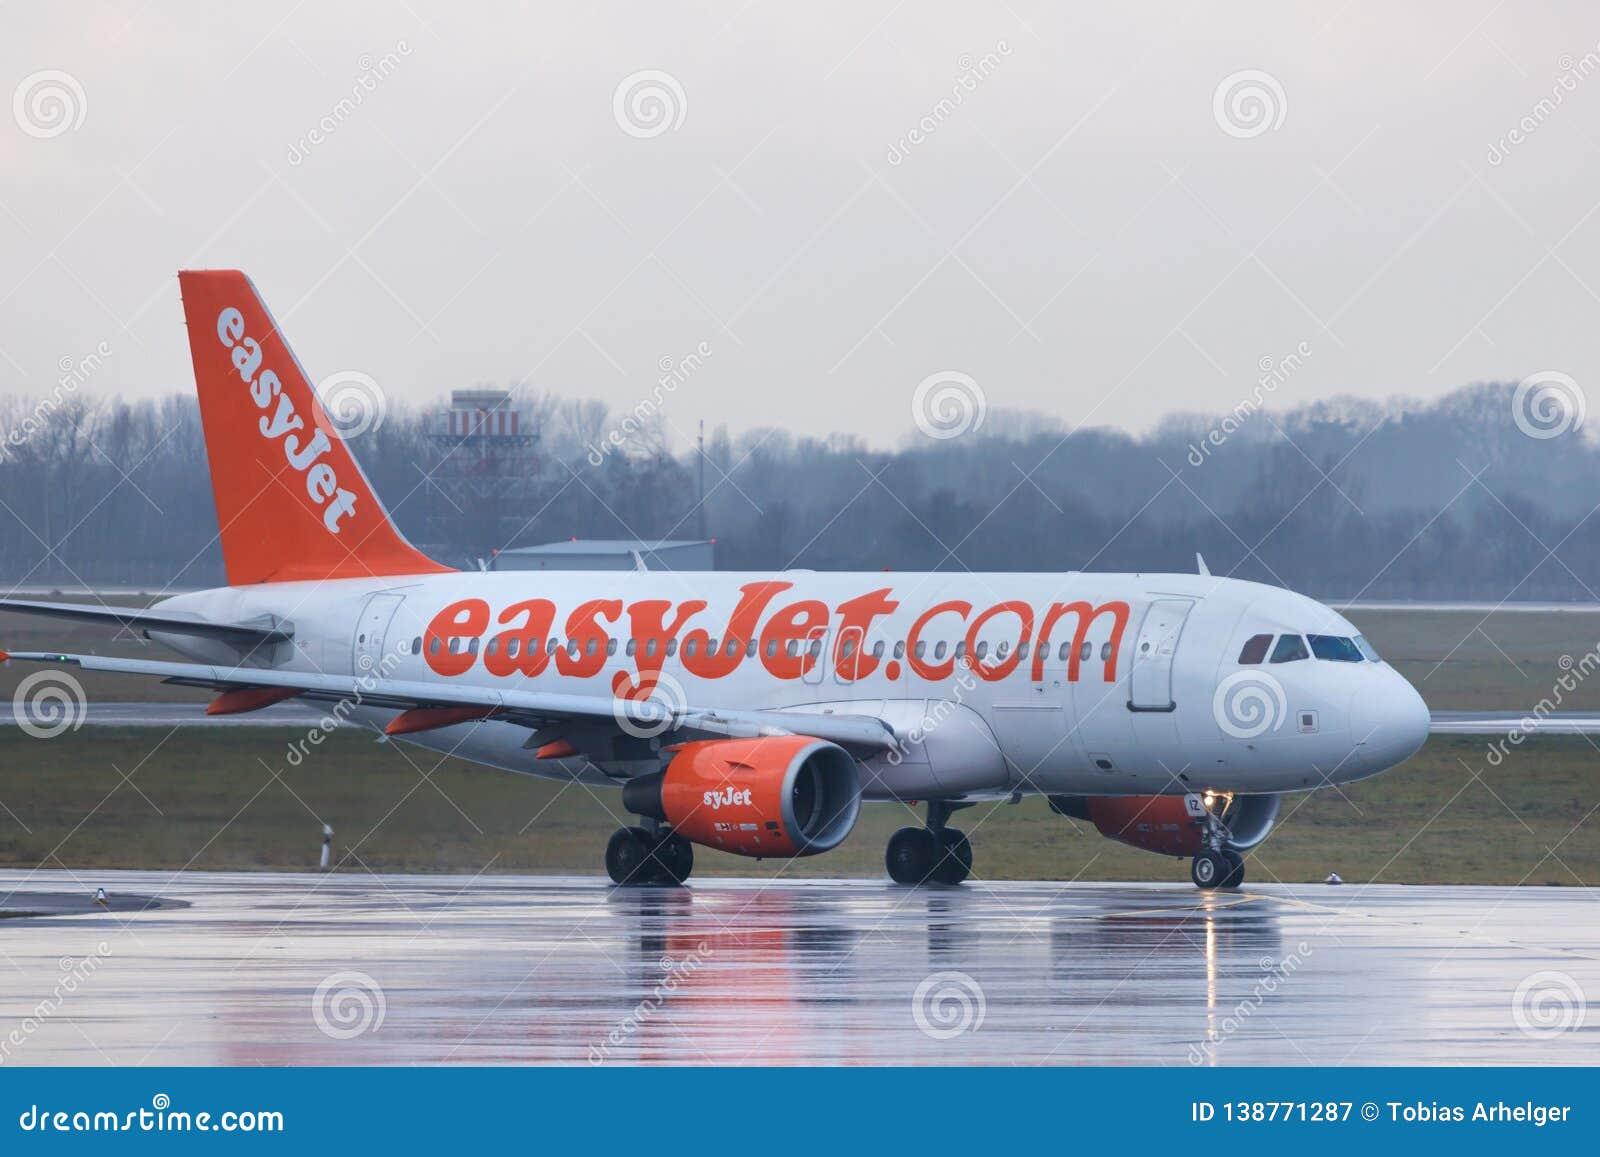 Dusseldorf, nrw/Alemanha - 11 01 18: avião fácil do jato no aeroporto Alemanha de dusseldorf na chuva